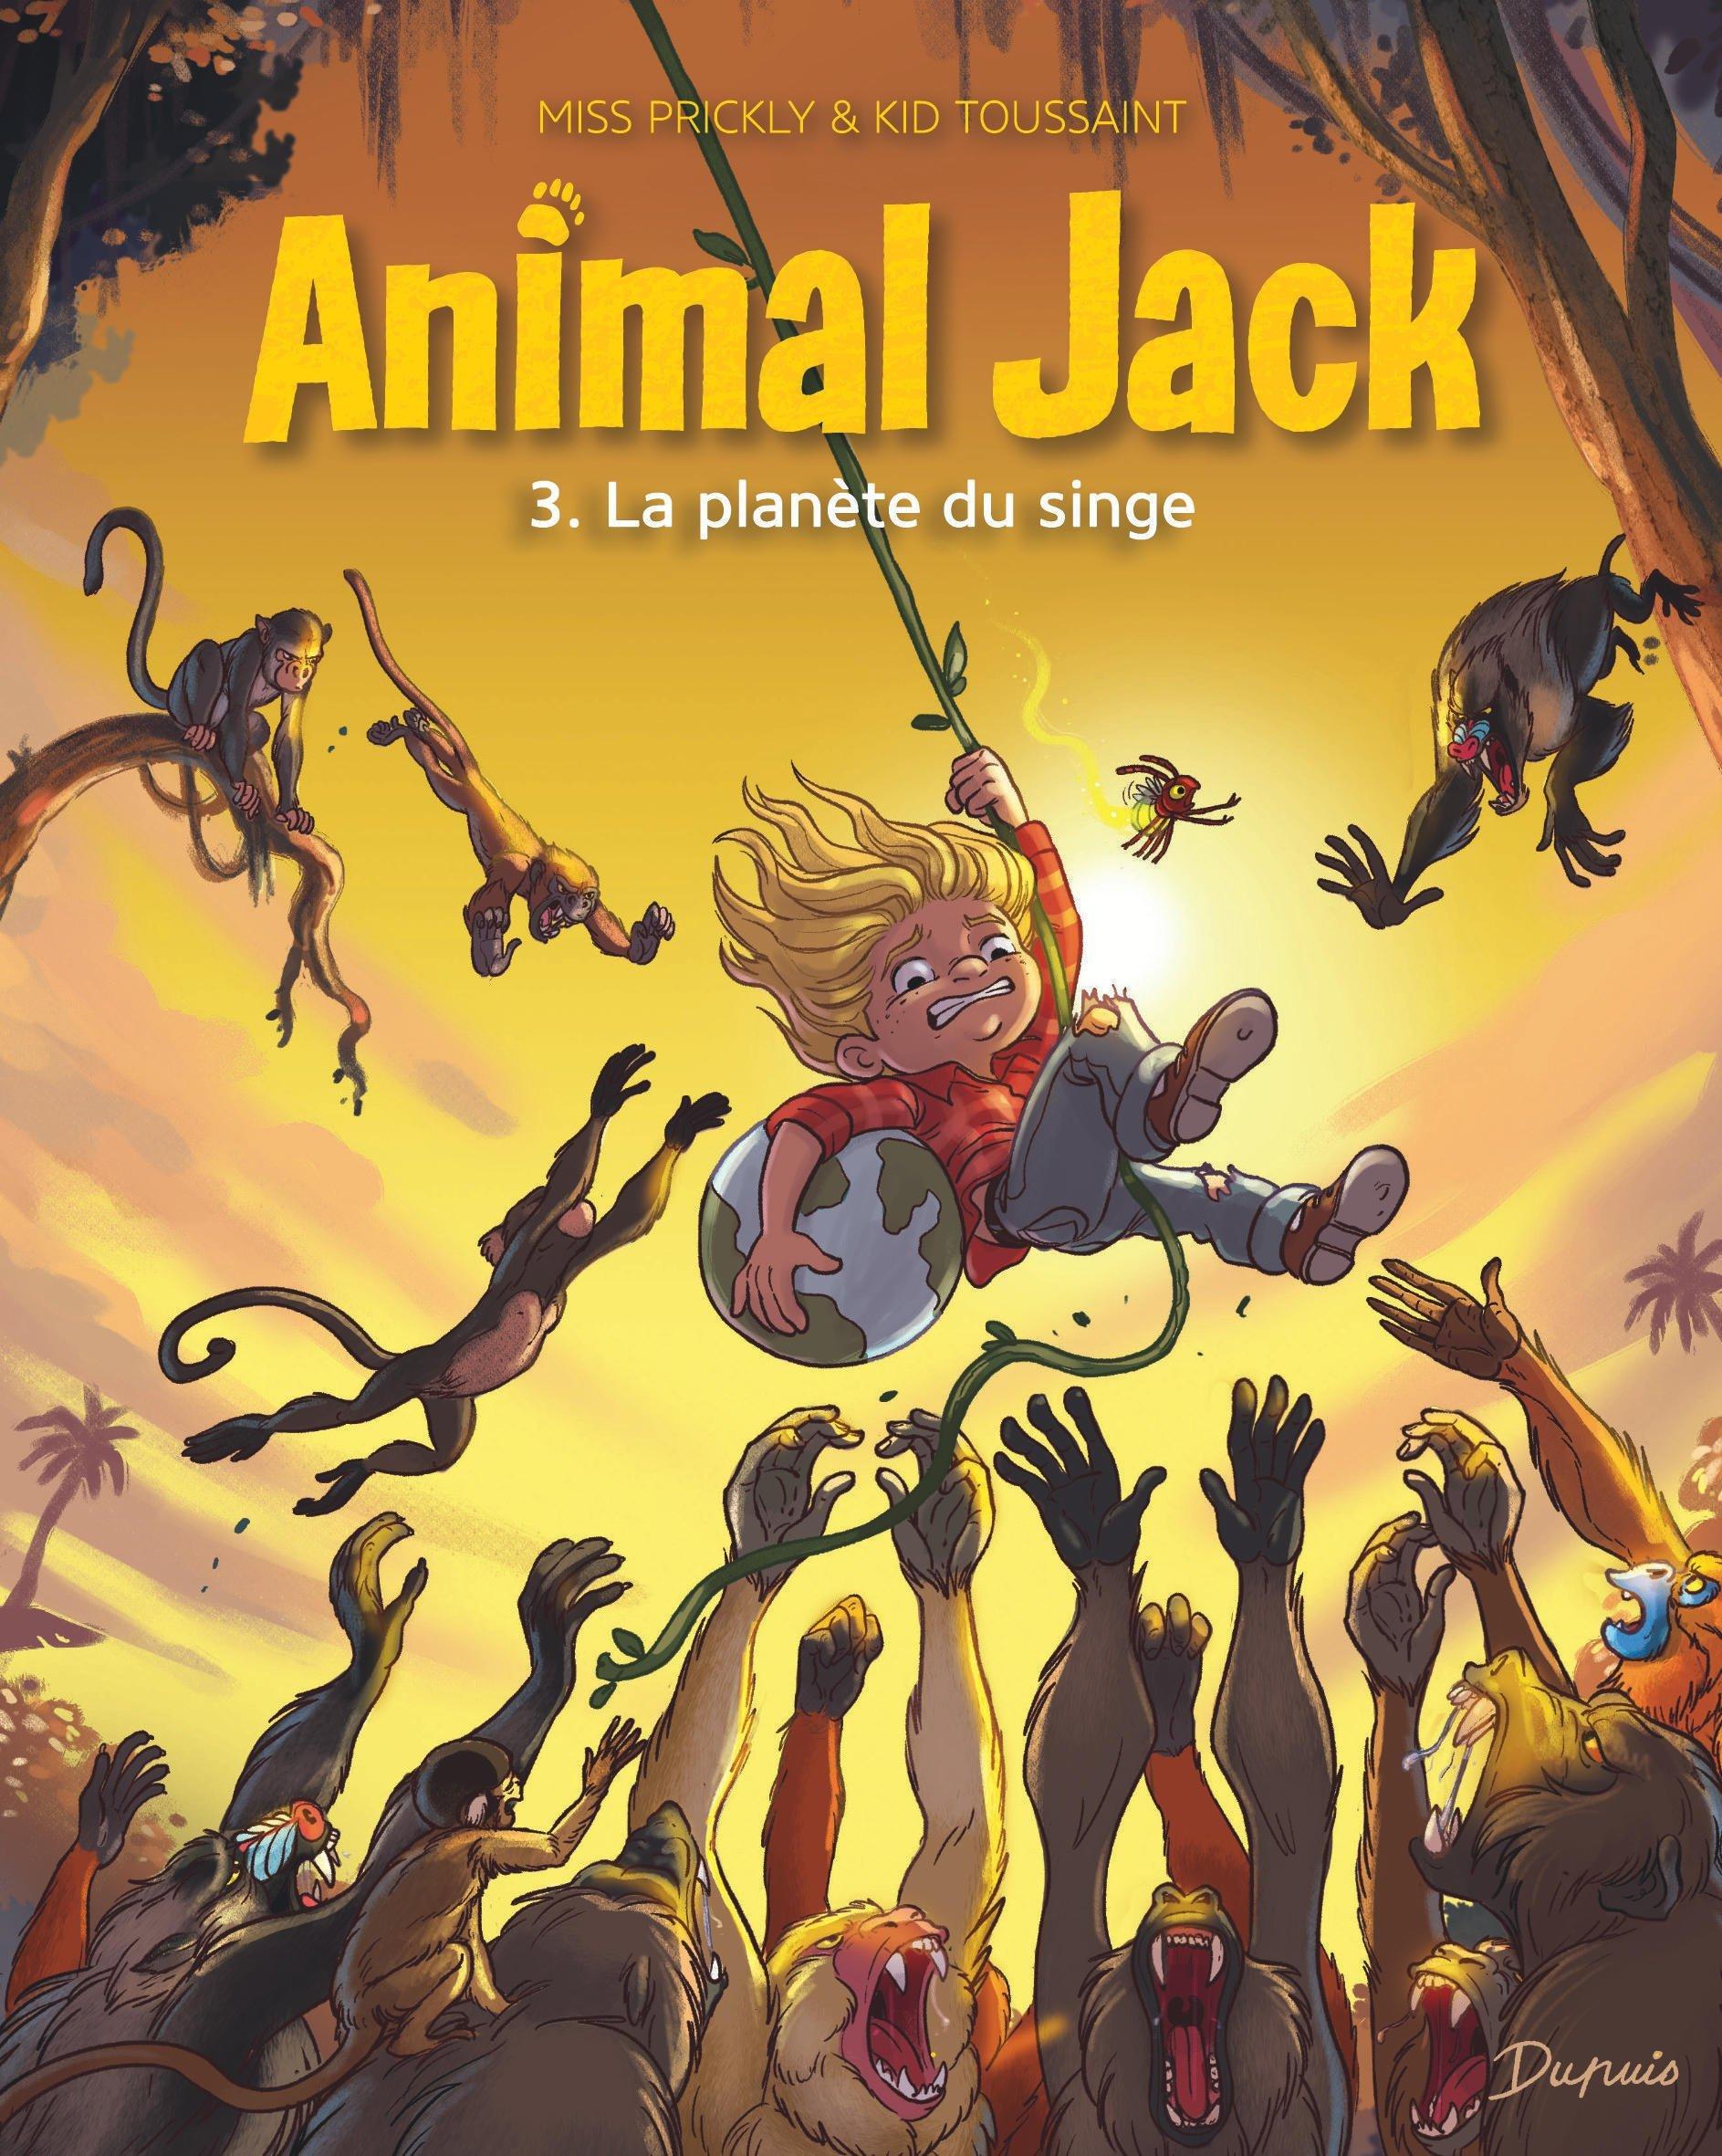 ANIMAL JACK - TOME 3 - LA PLANETE DU SINGE